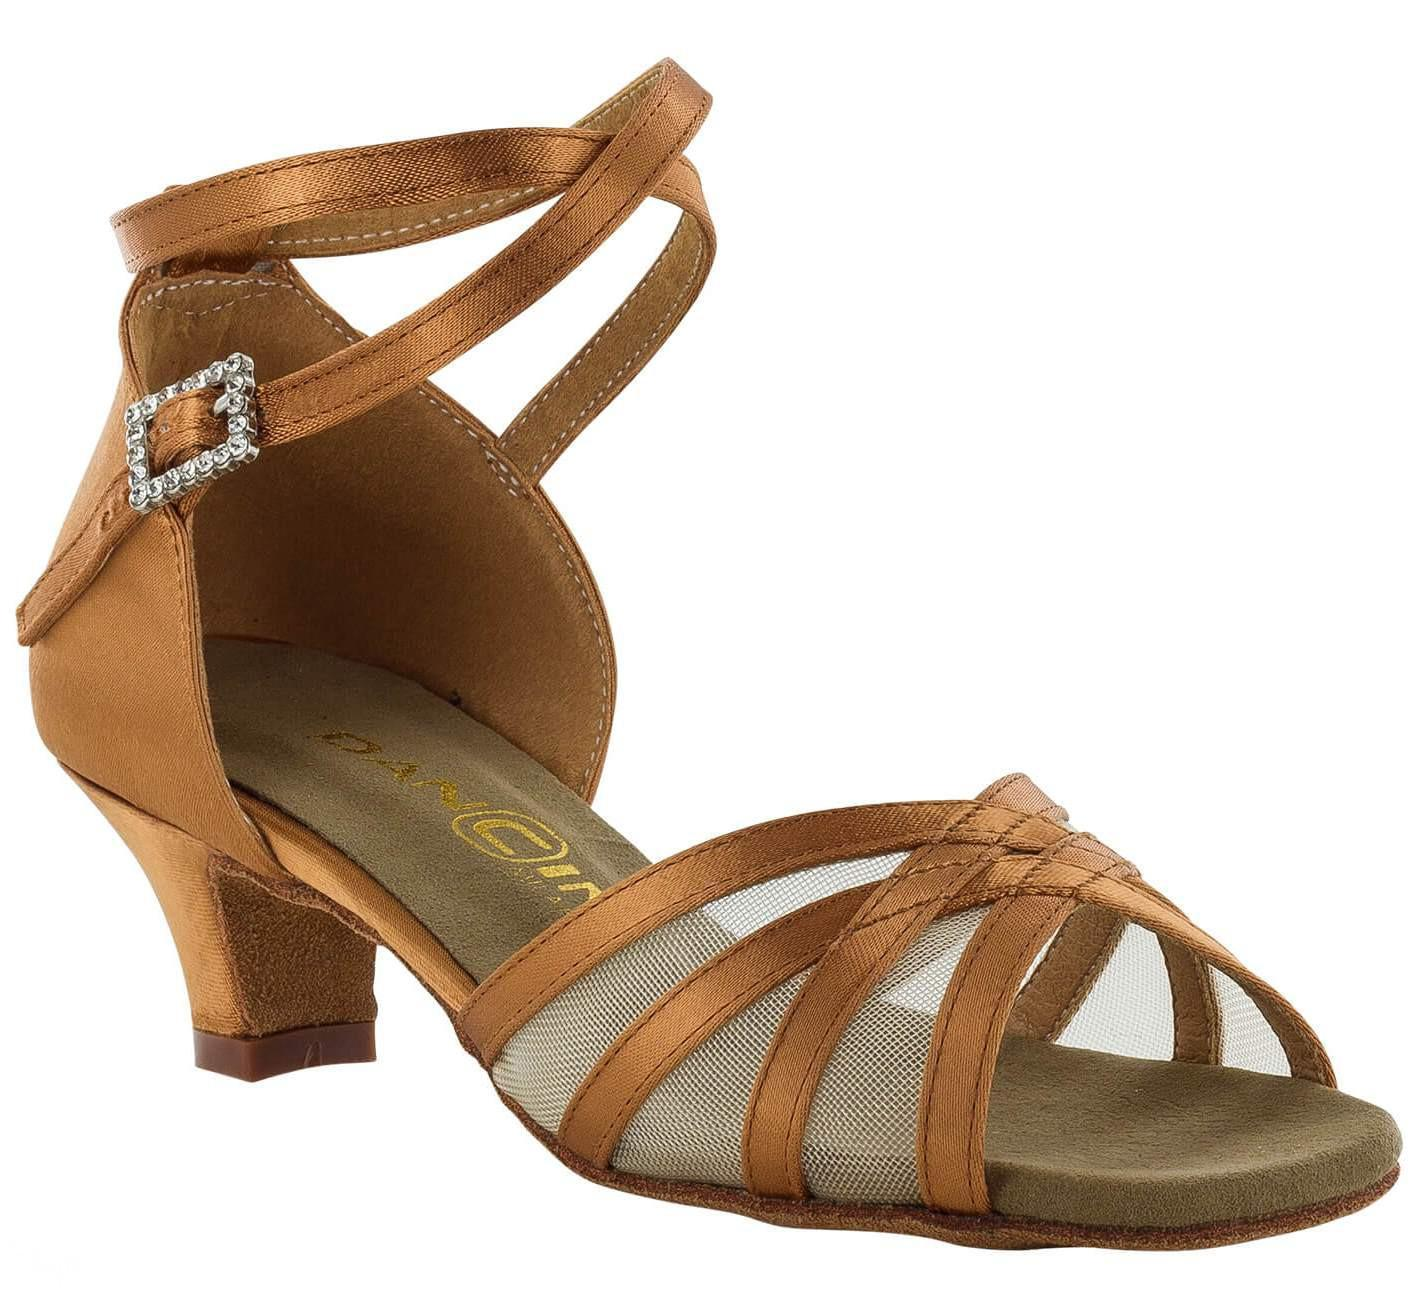 Dancin Scarpe da ballo in raso flesh 4 fasce con retina e incrocio sulla caviglia , tacco 3,5 cm